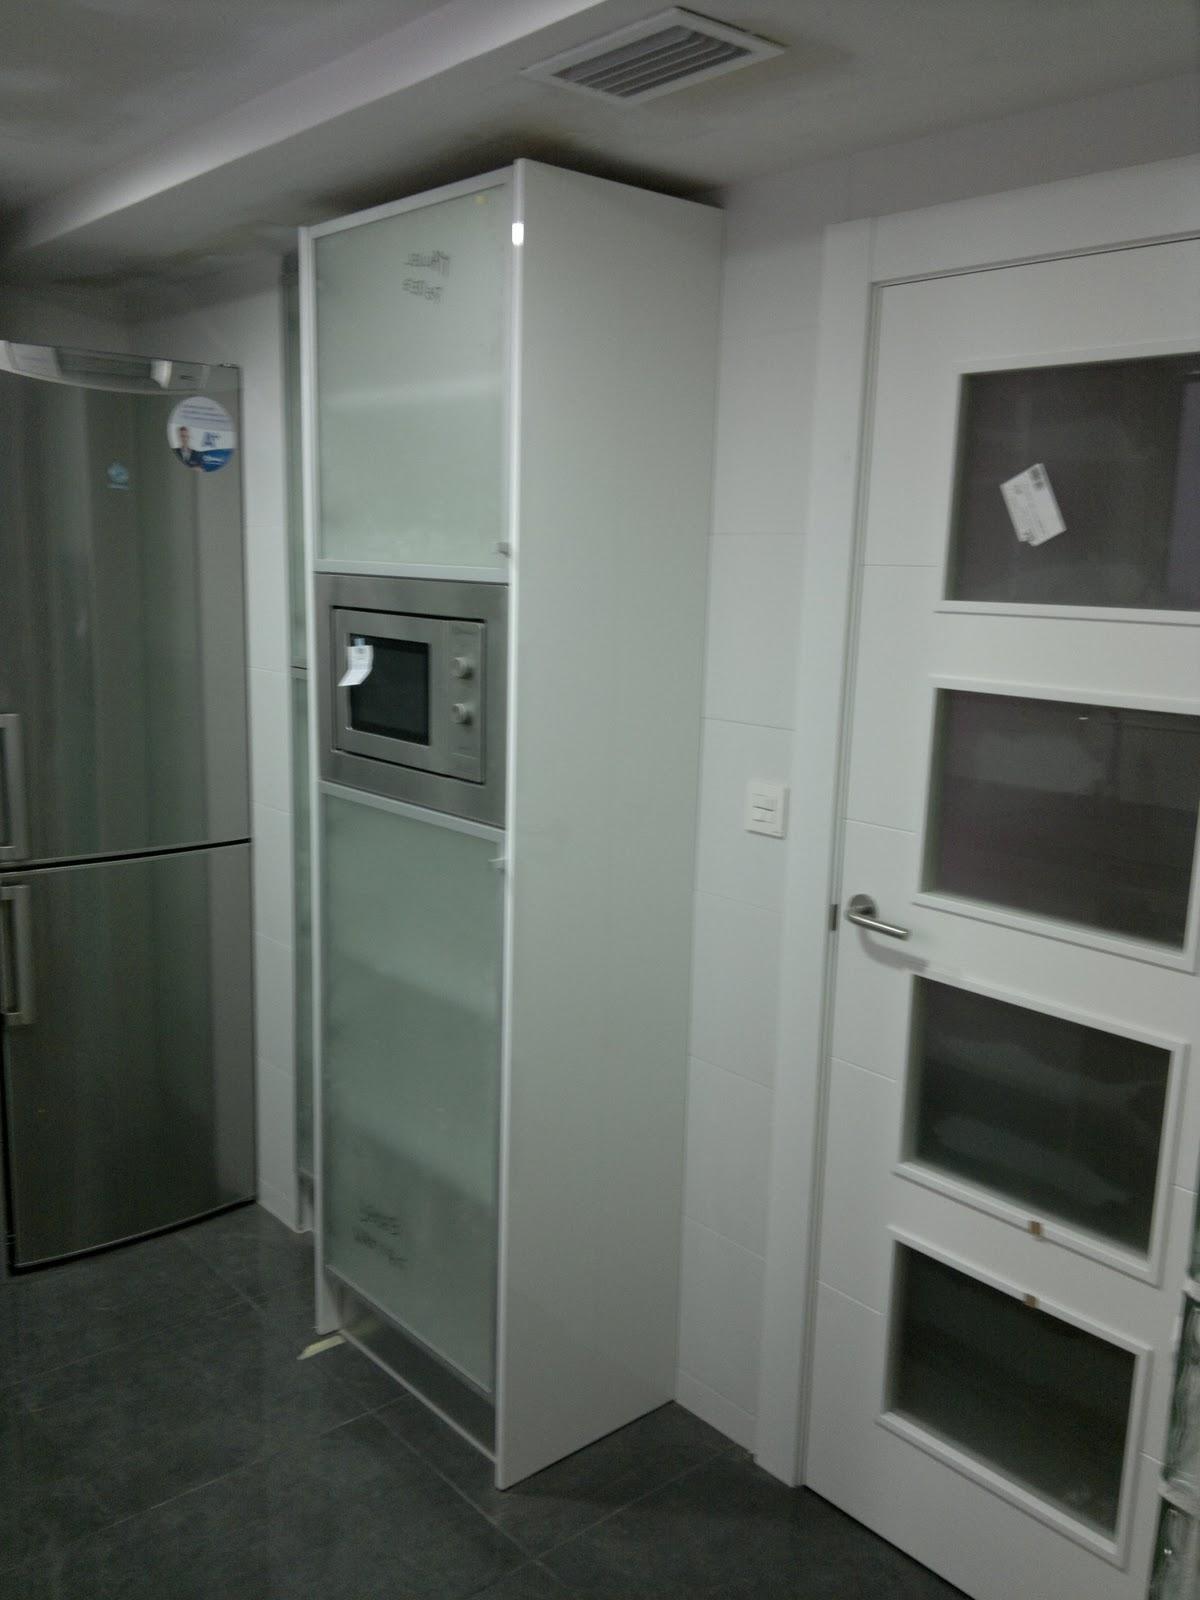 Ebanisteria carpinteria manuel perez zaragoza cocina - Cocinas con puertas de cristal ...